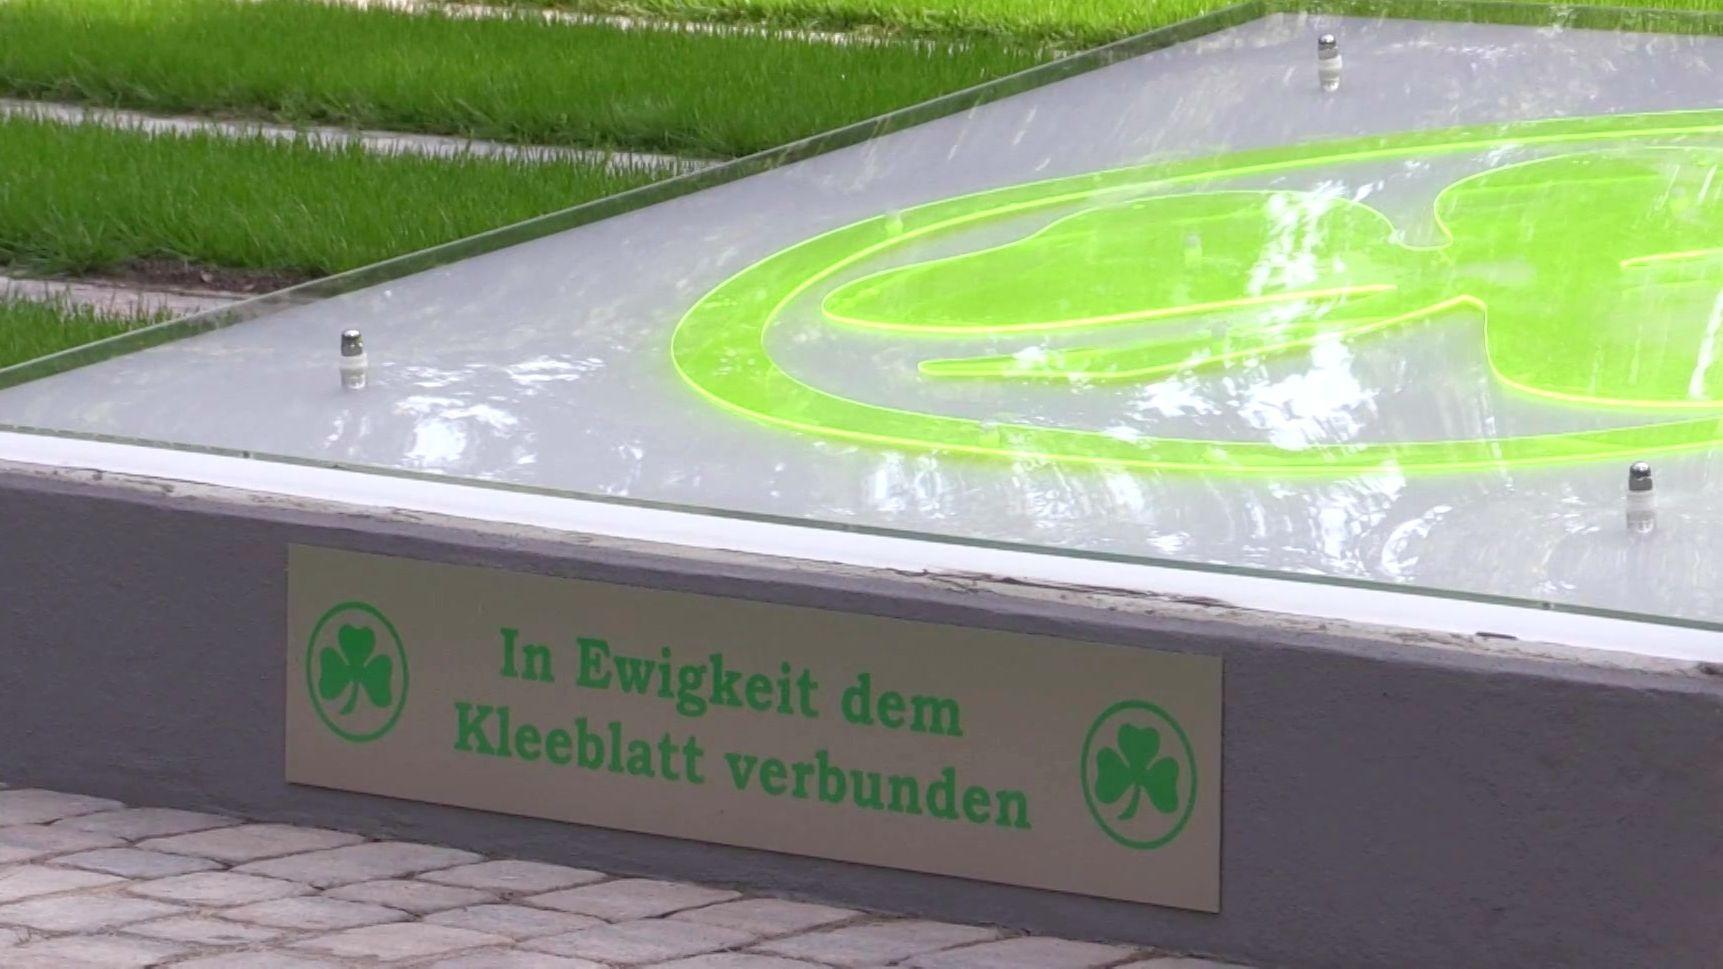 """Grabfeld für Fans der SpVgg Greuther Fürth: Auf einem Betonsockel, auf dem ein Kleeblatt angebracht ist, steht die Inschrift: """"In Ewigkeit dem Kleeblatt verbunden""""."""